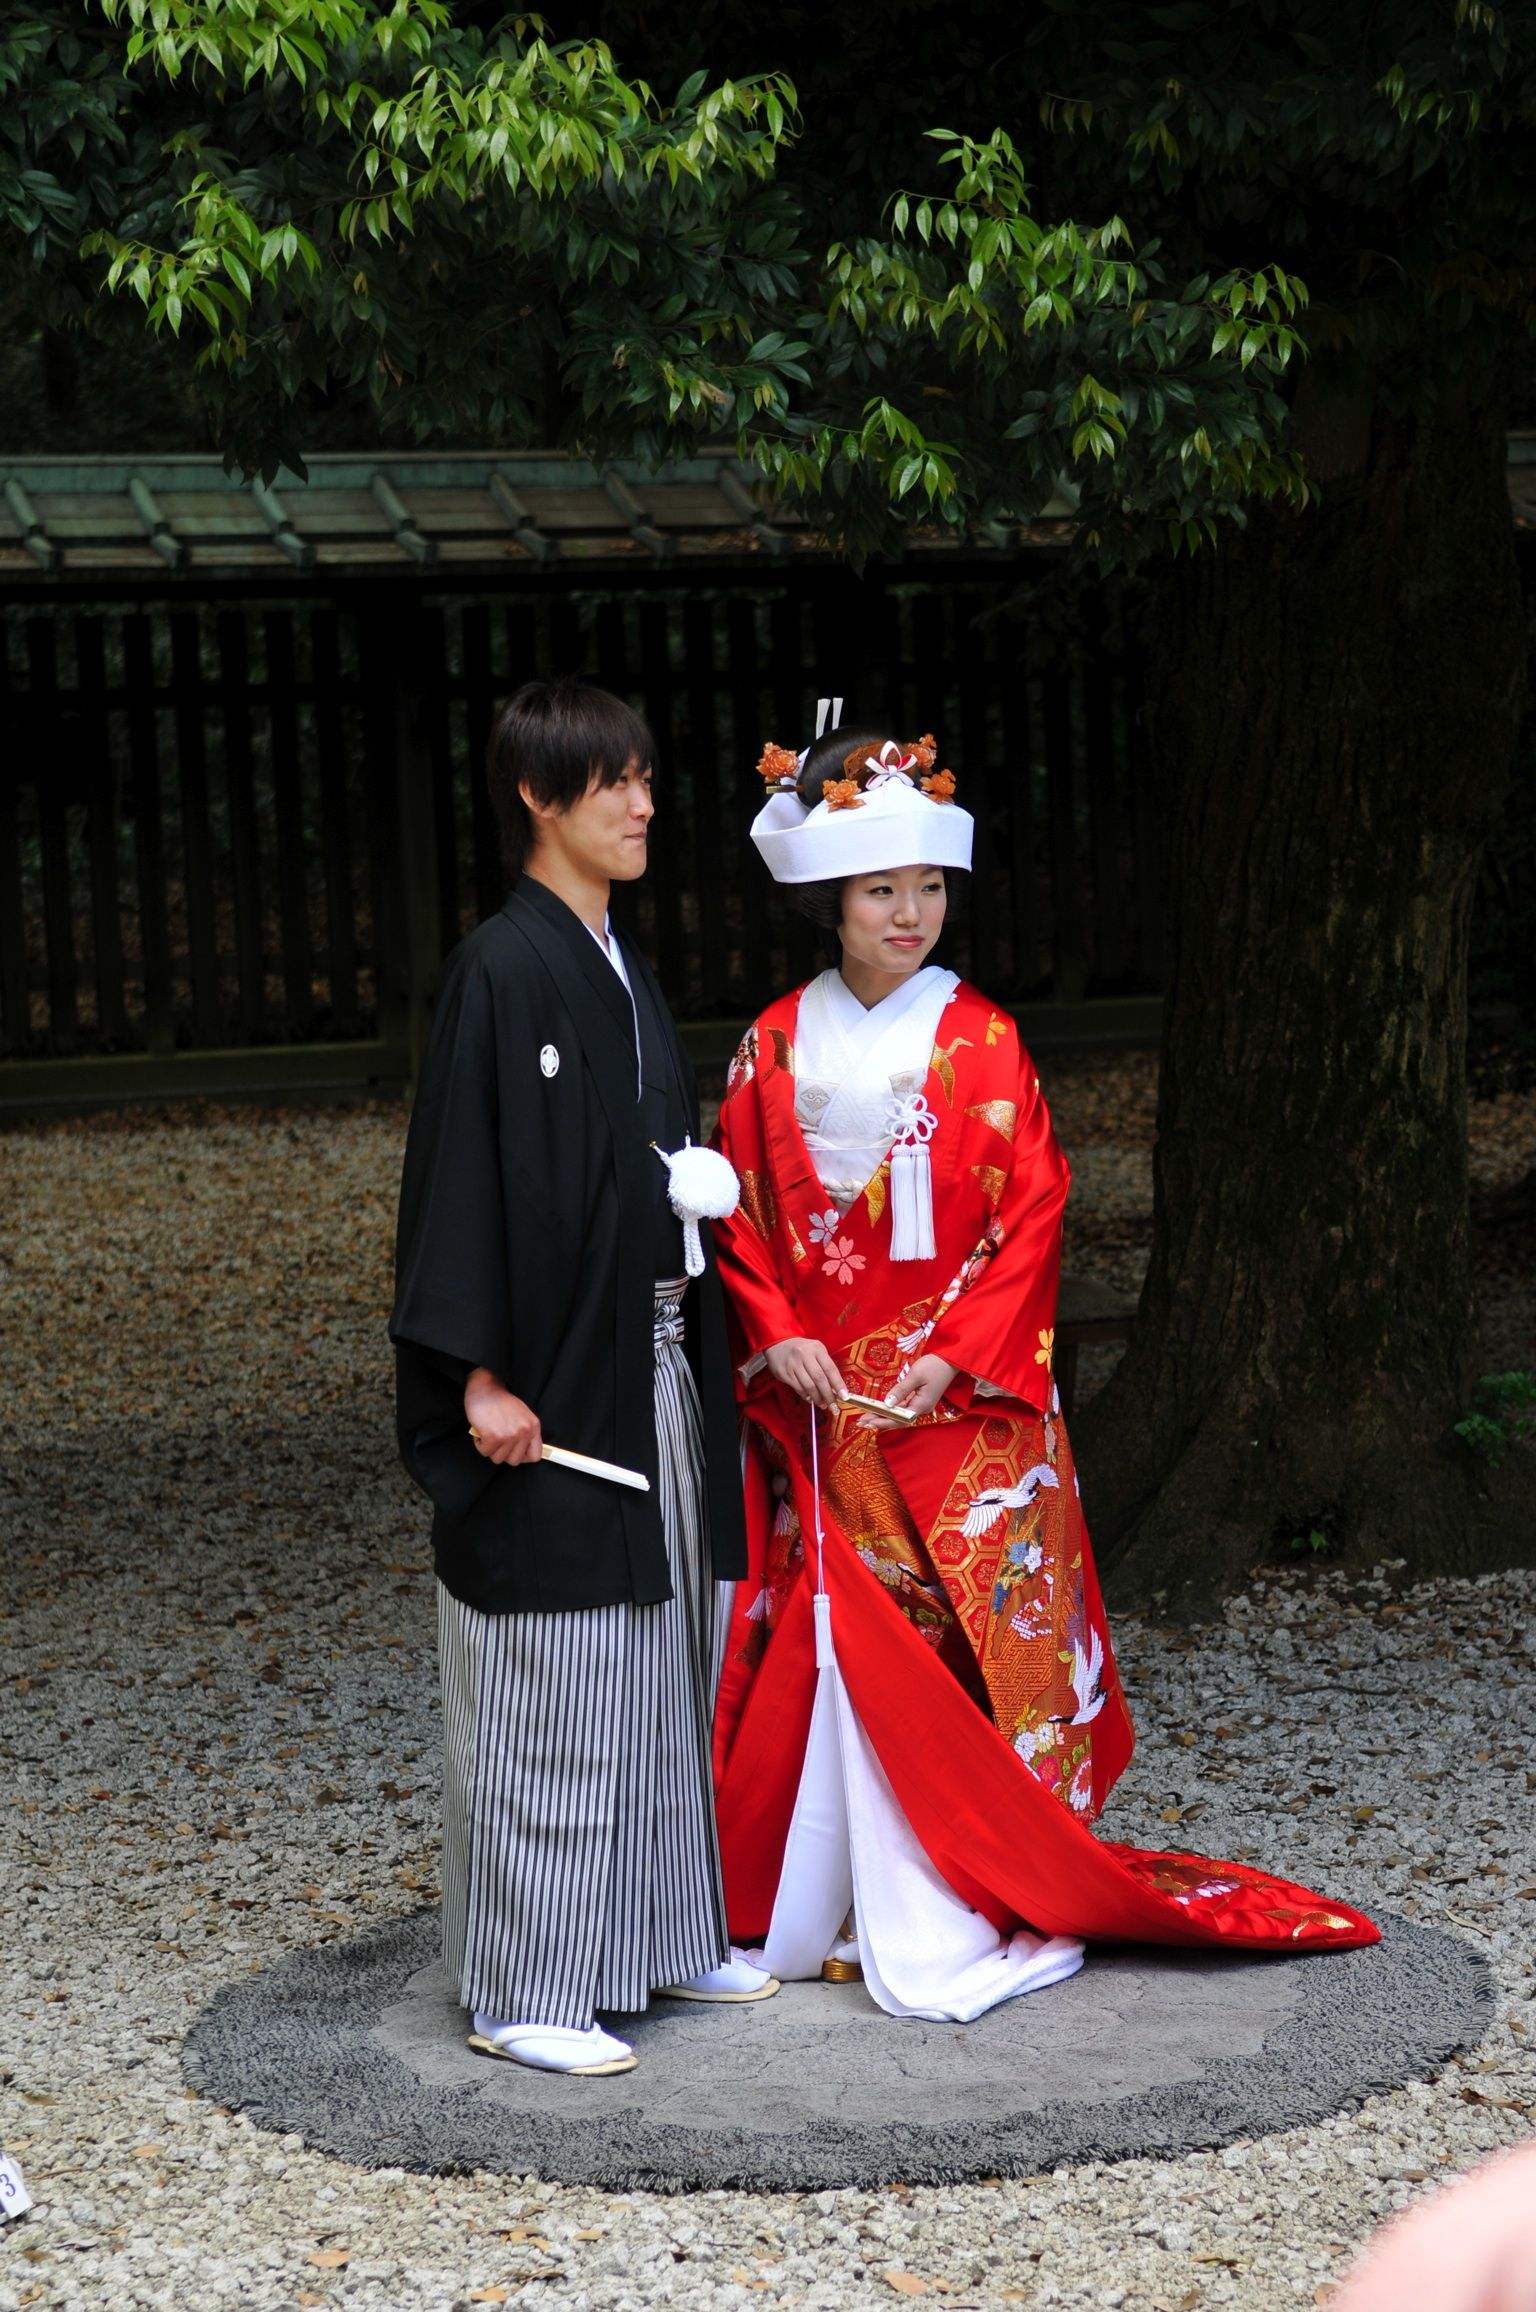 Traditional Japanese Wedding Japanese Wedding Japanese Wedding Dress Japanese Outfits